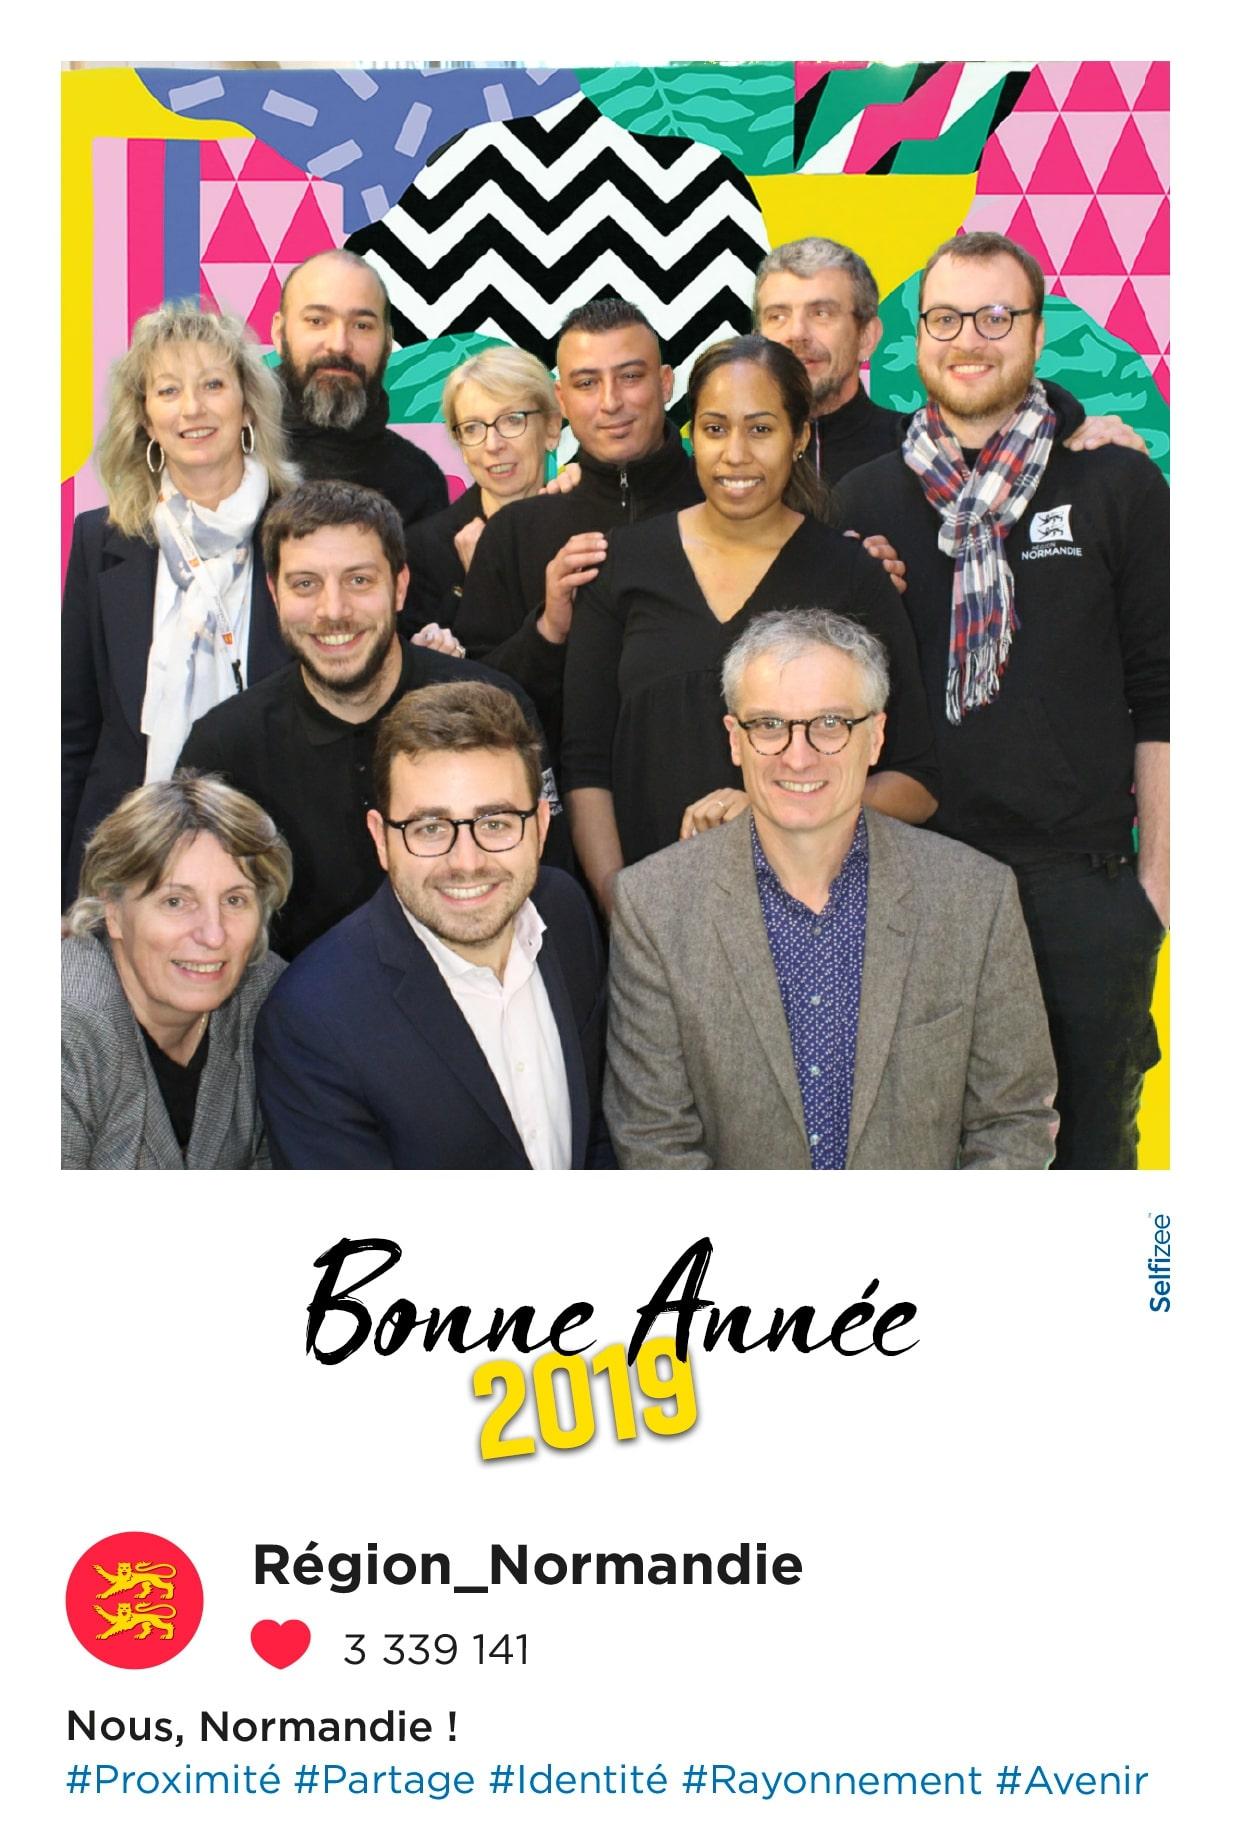 Photos personnalisées et selfie box connectée avec animation fond vert pour fête nouvel an au conseil régional de Normandie à Caen